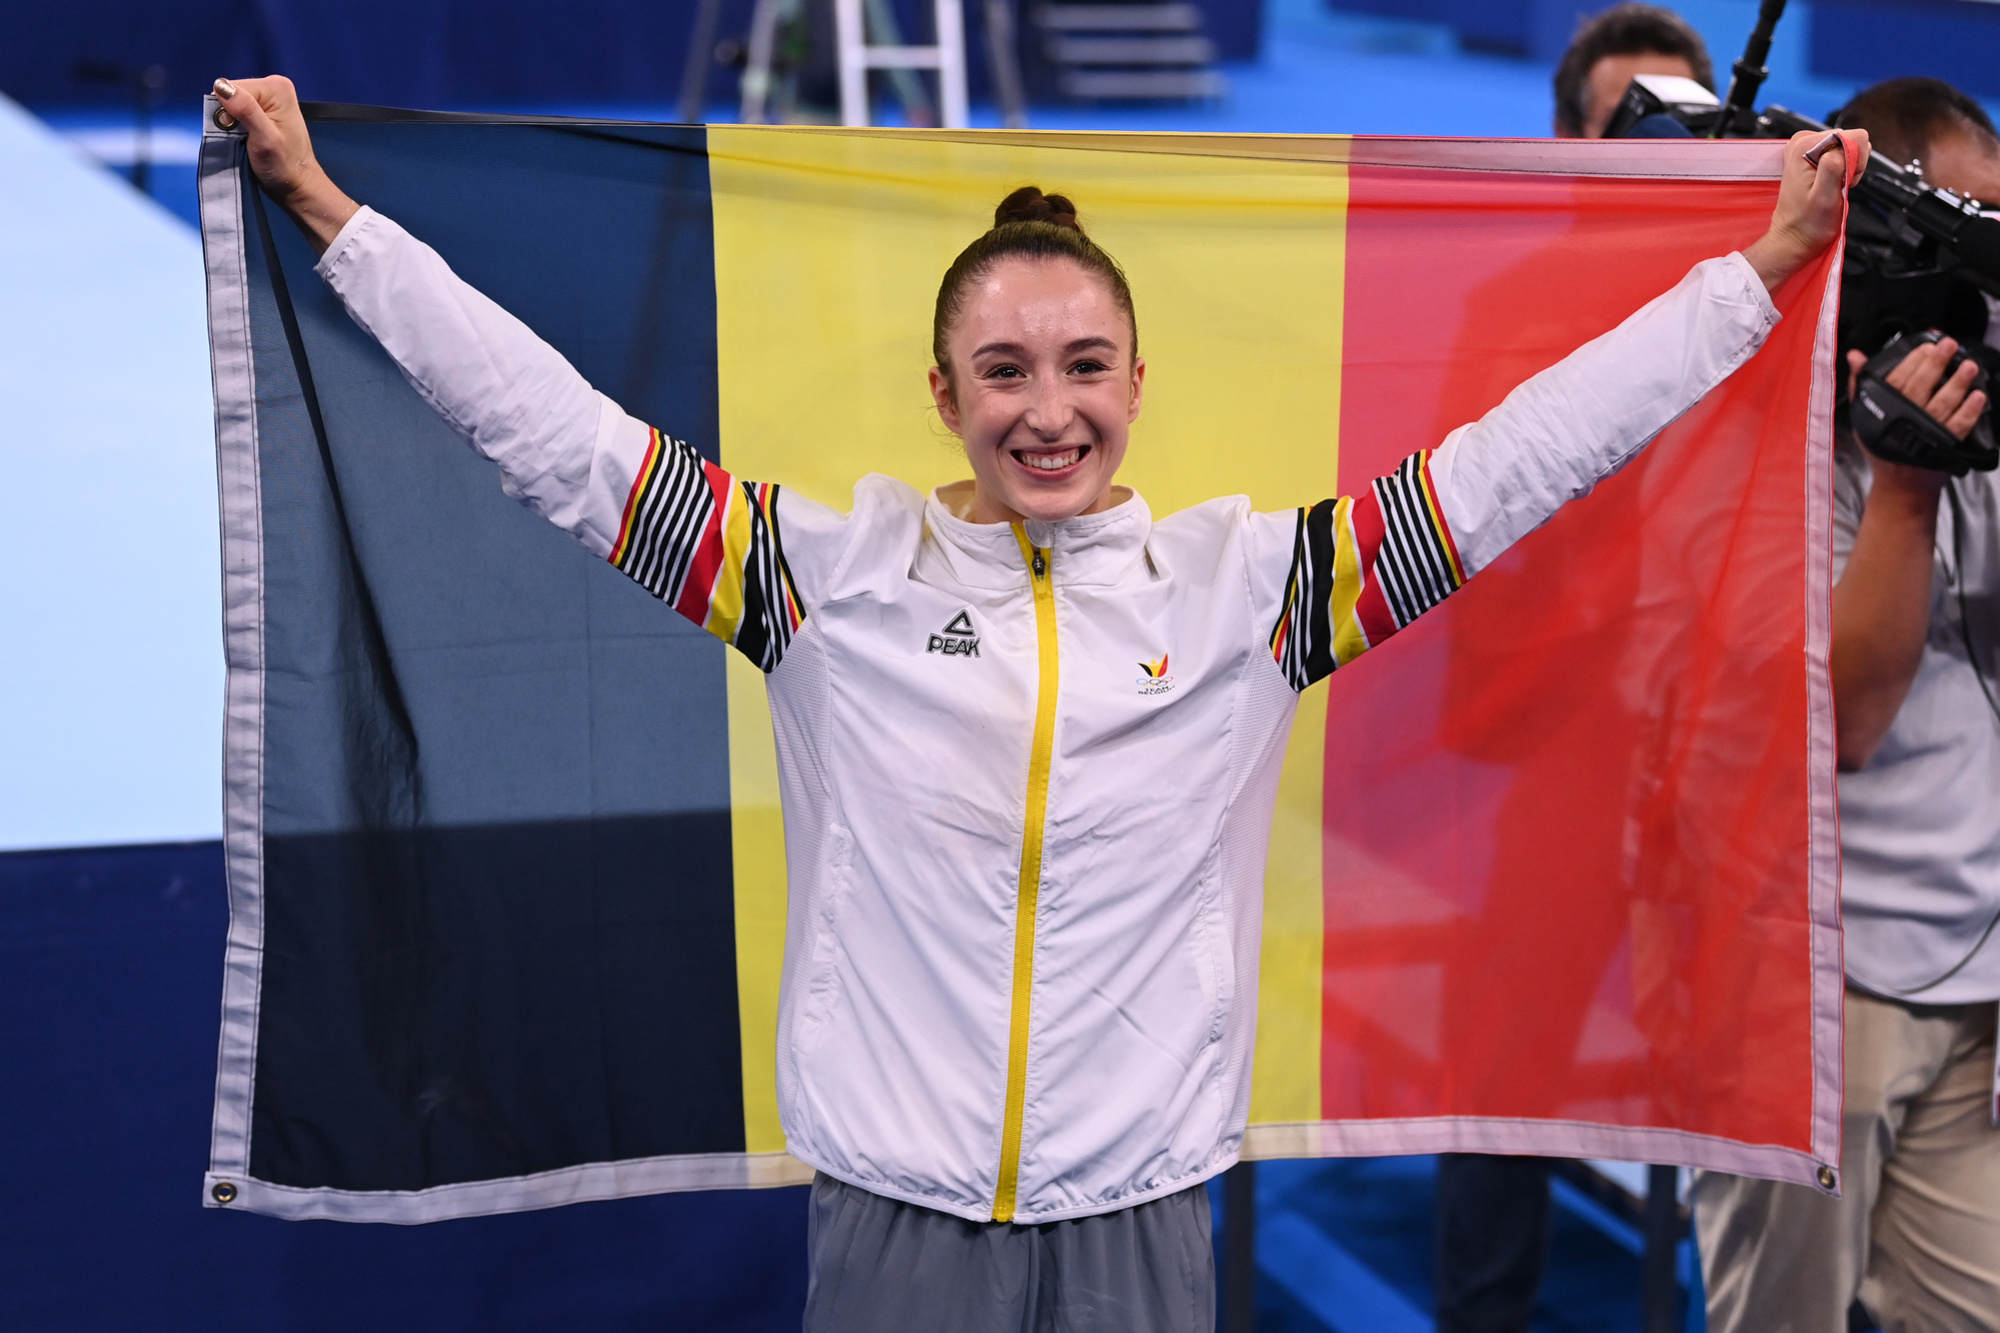 Nina Derwael, belga